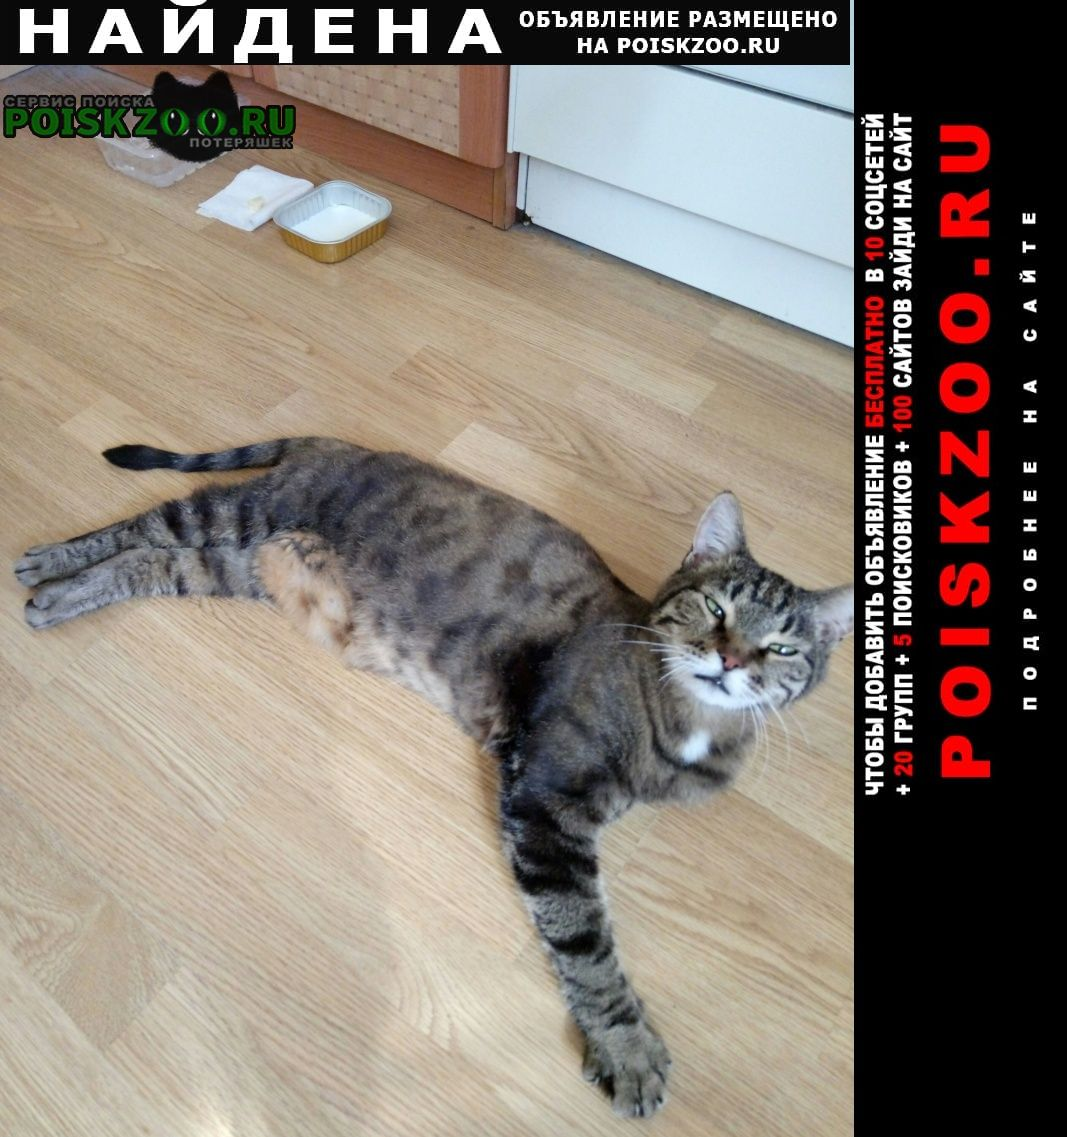 Найден кот на ул. беловежская Москва